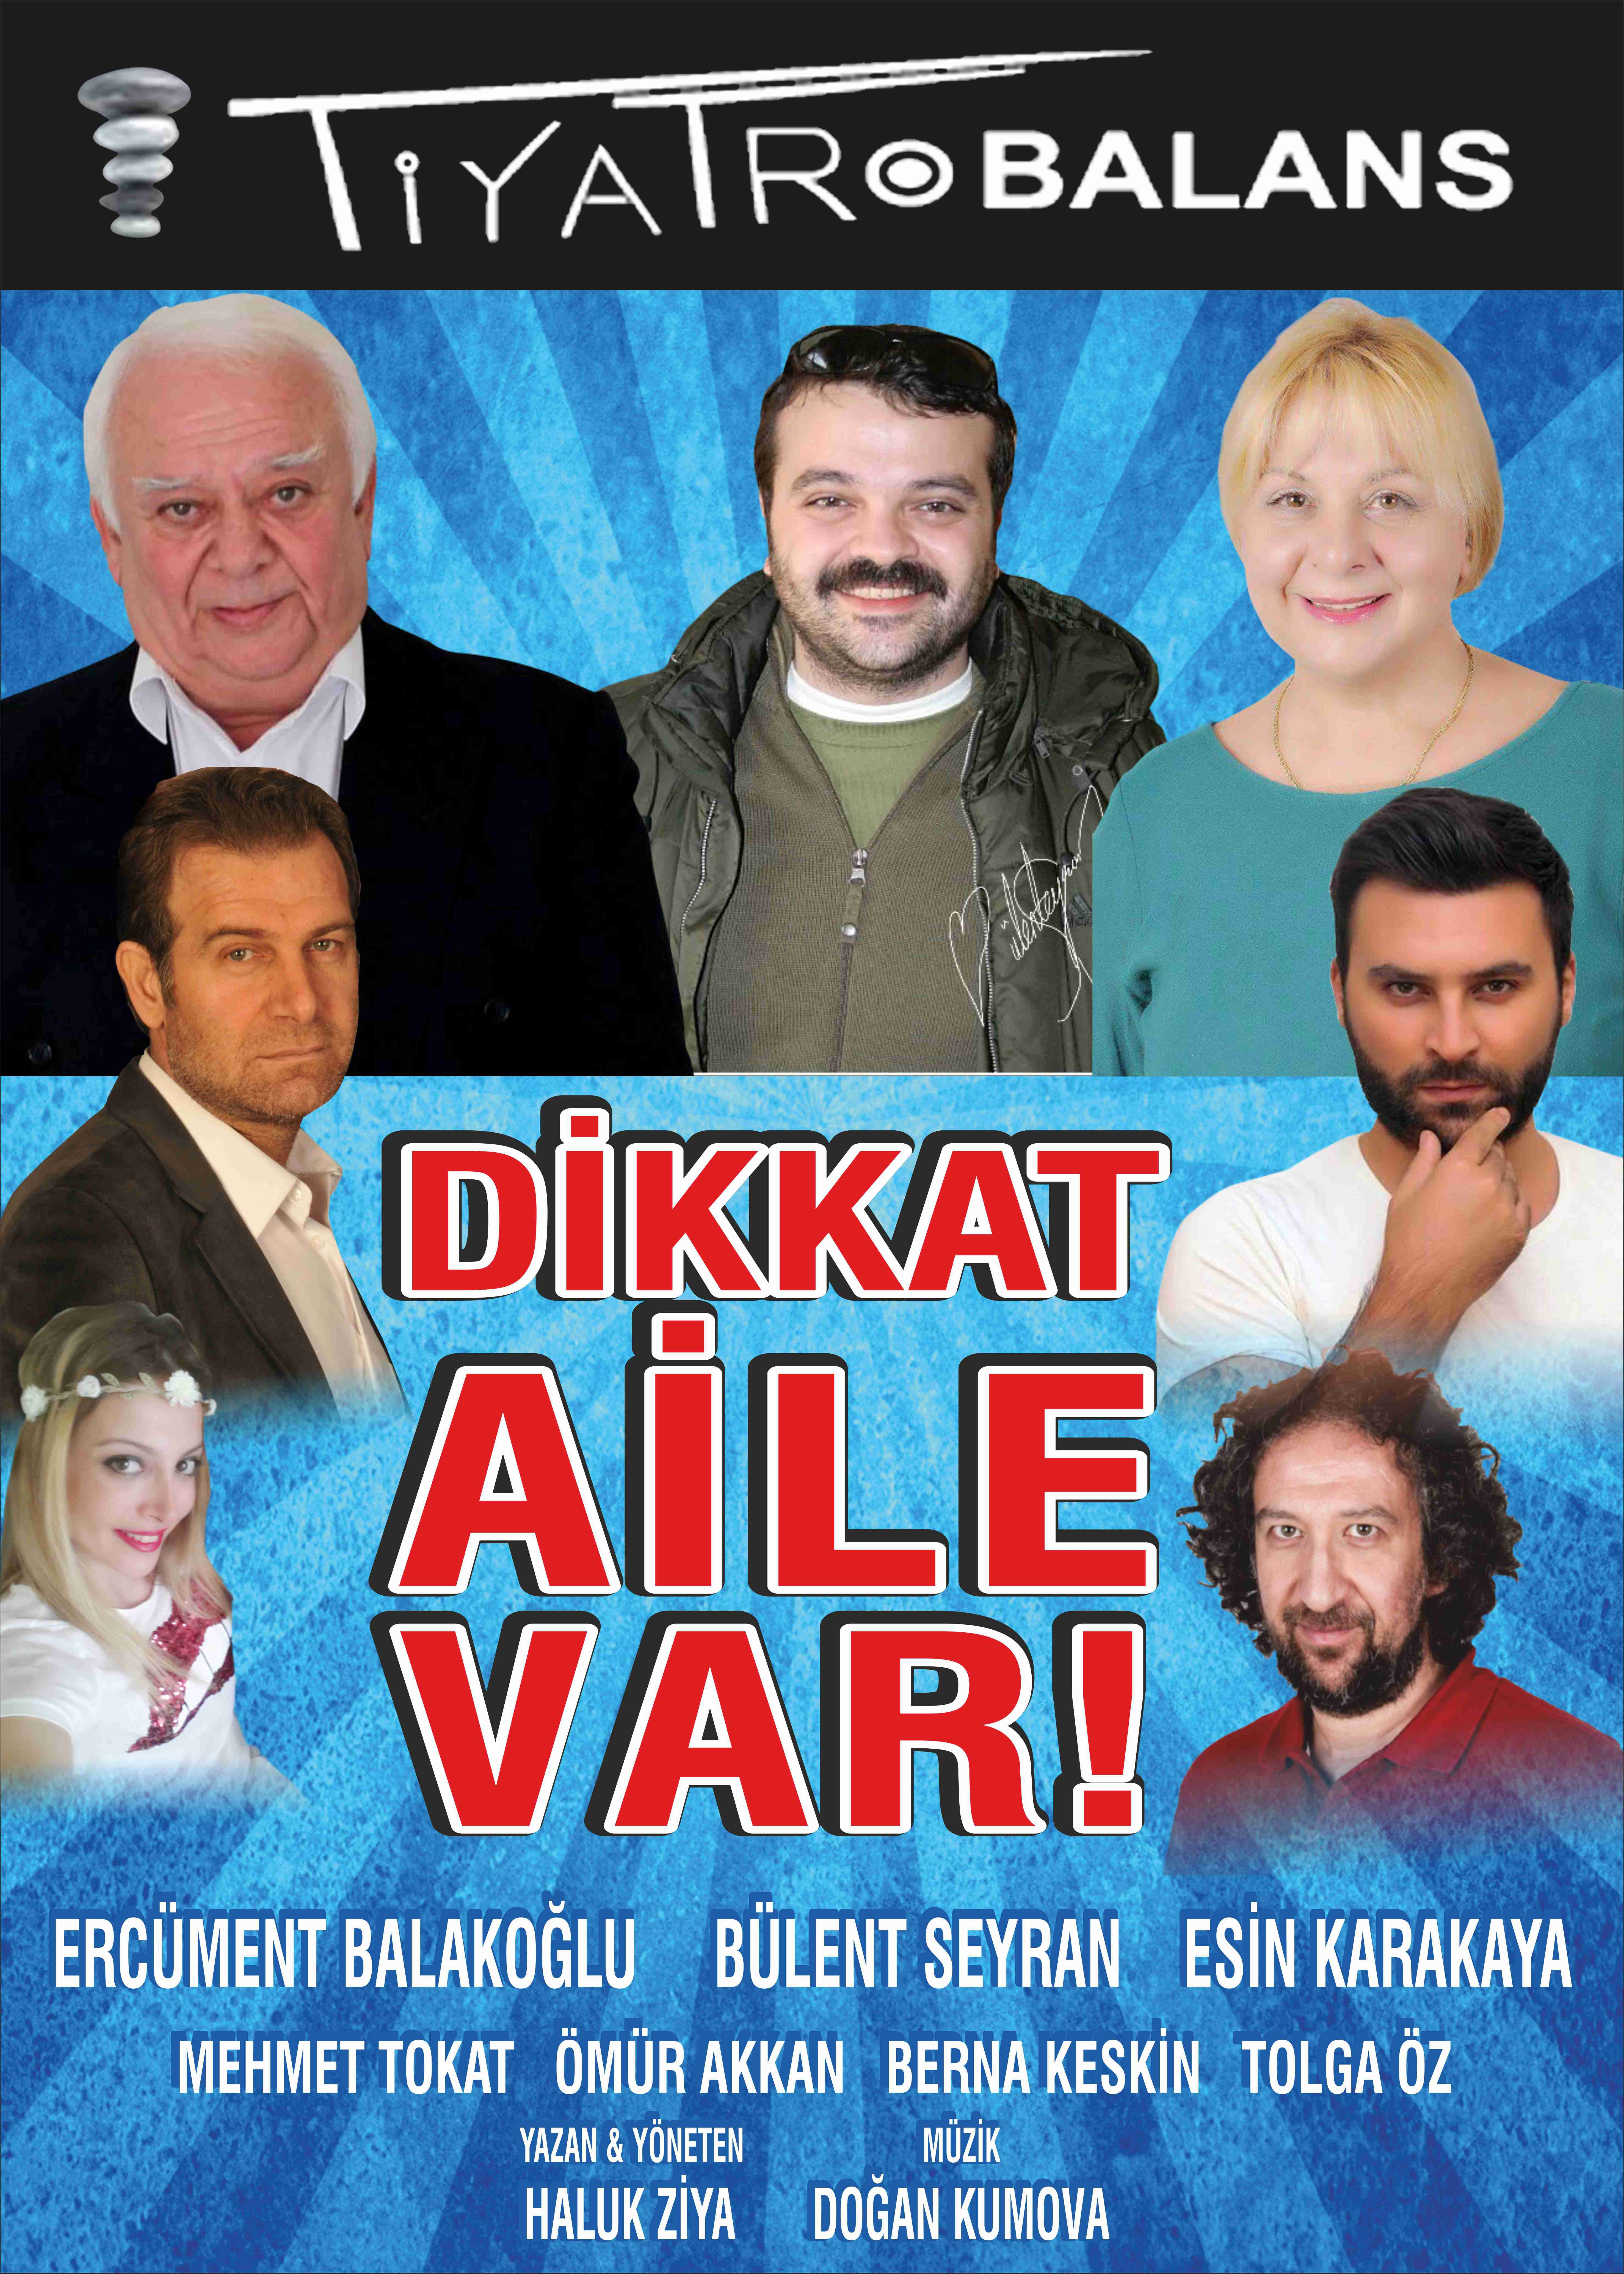 tiyatro balans afiş.jpg